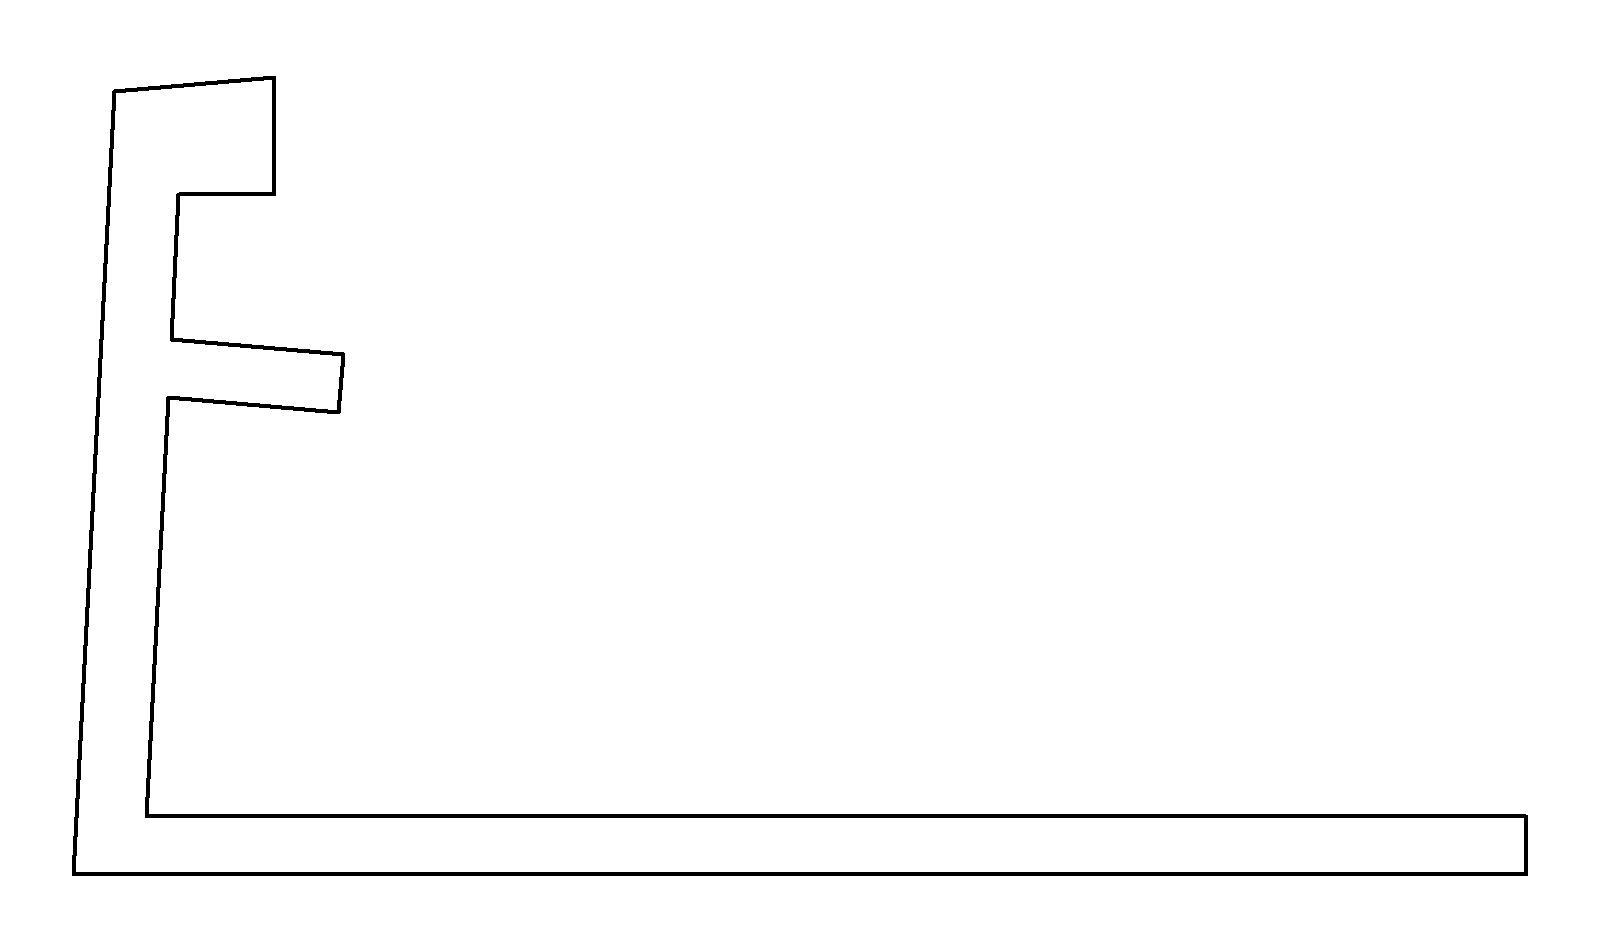 Schluter Systems LP - BIM Objects / Families